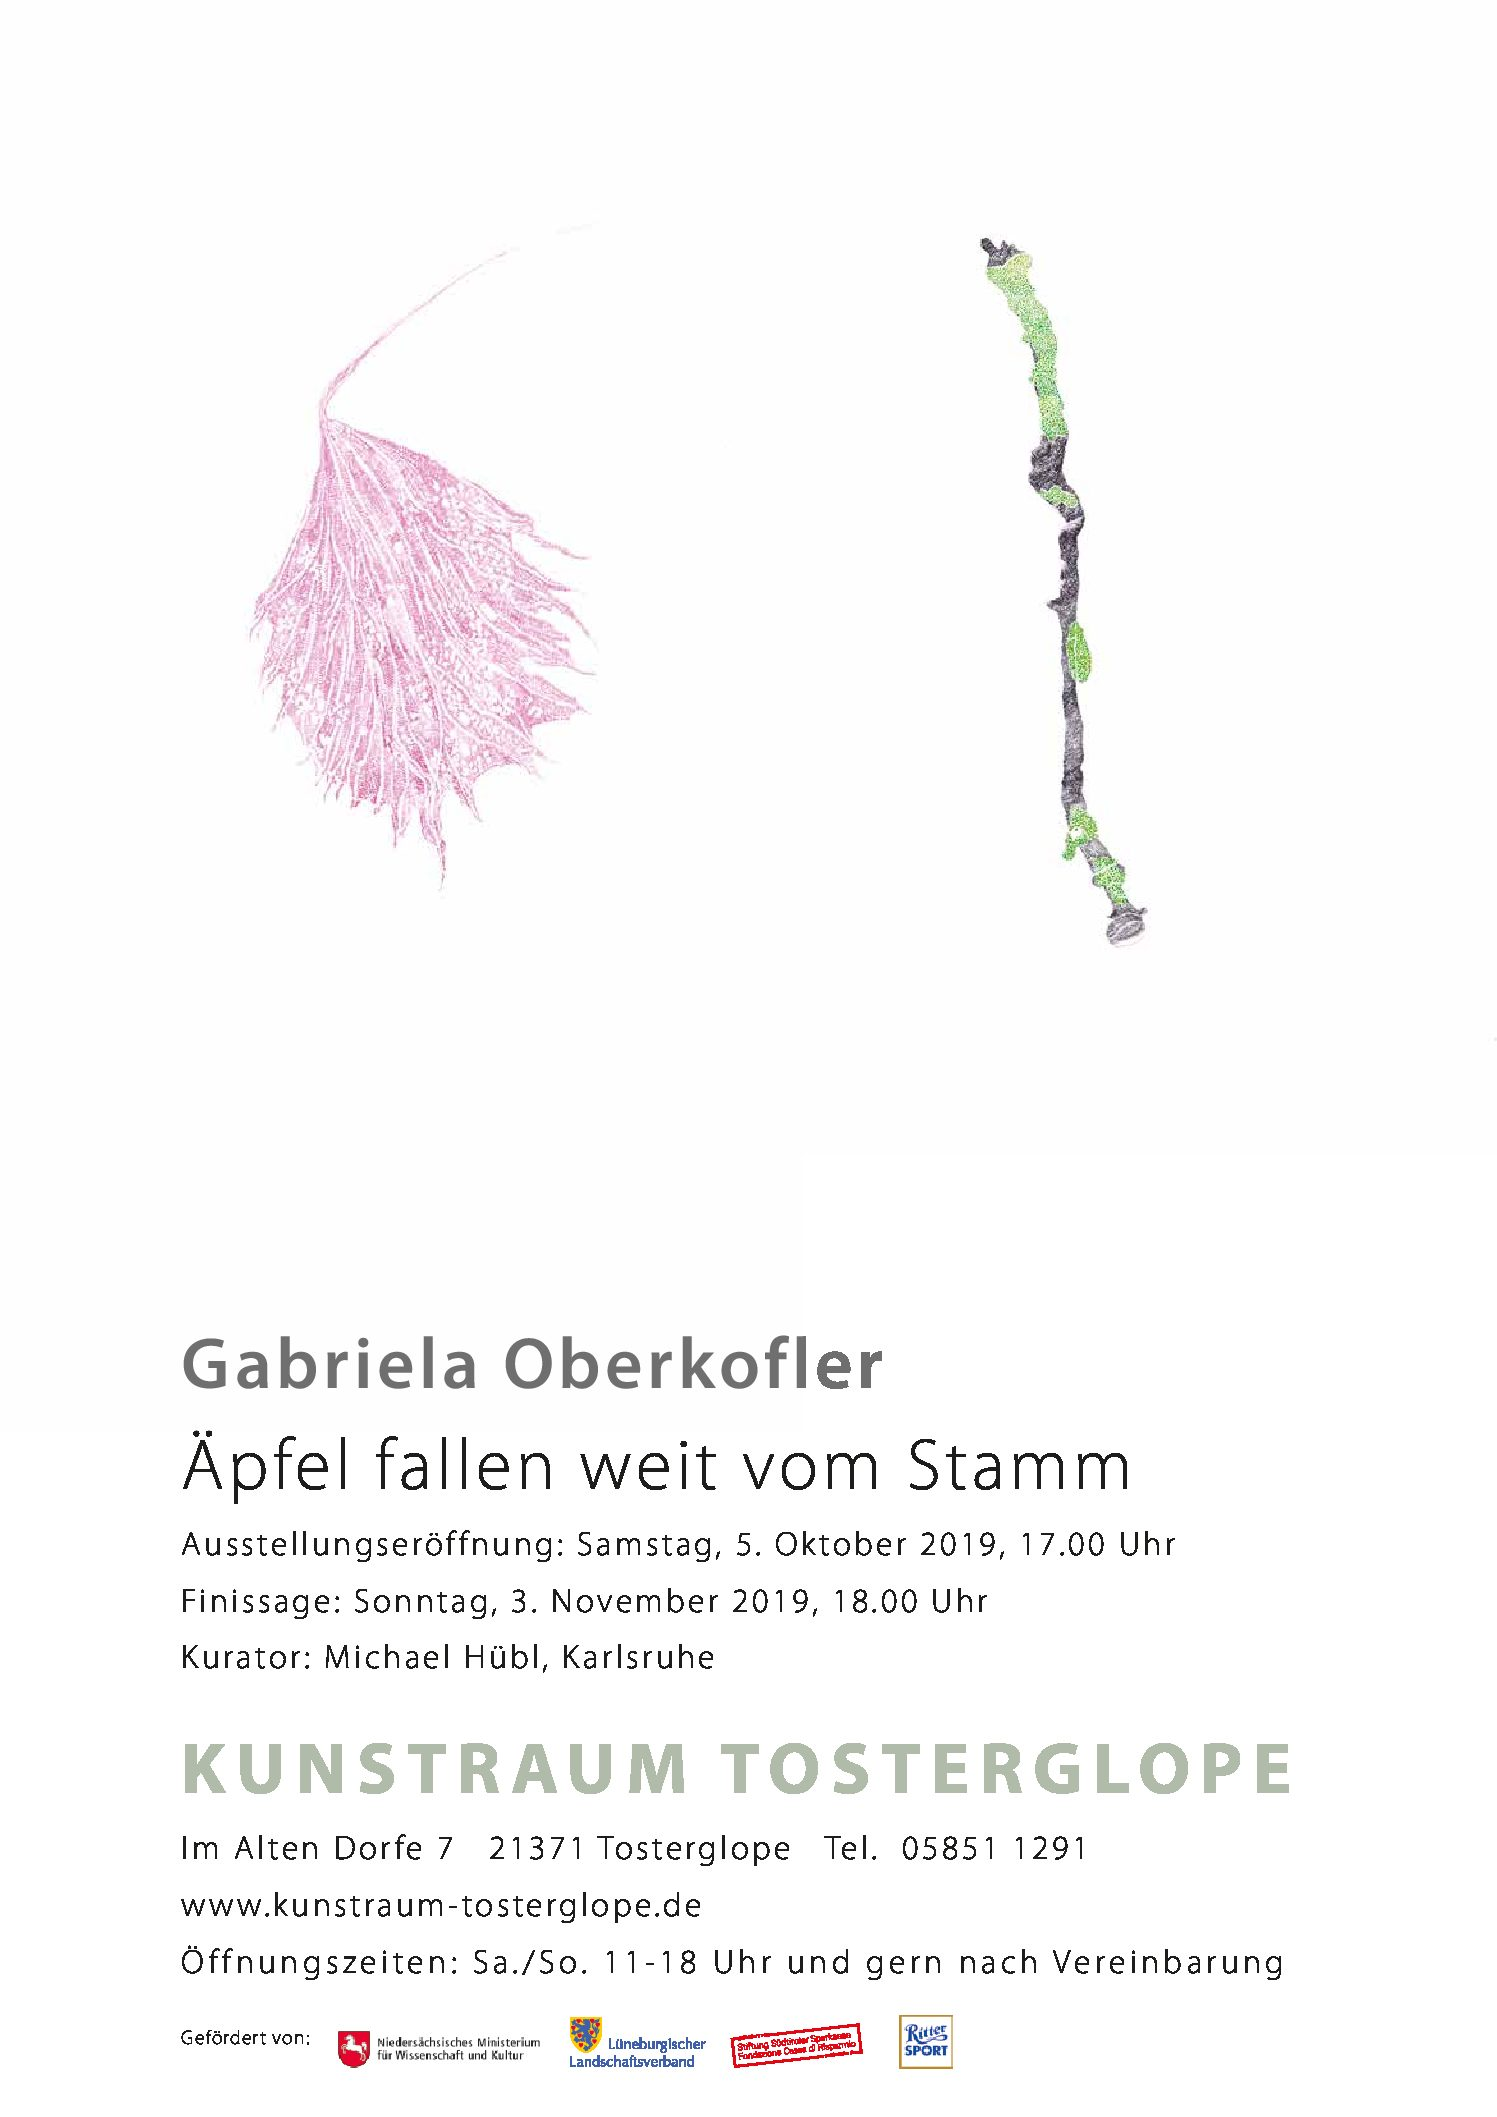 Gabriela Oberkofler - Äpfel fallen weit vom Stamm